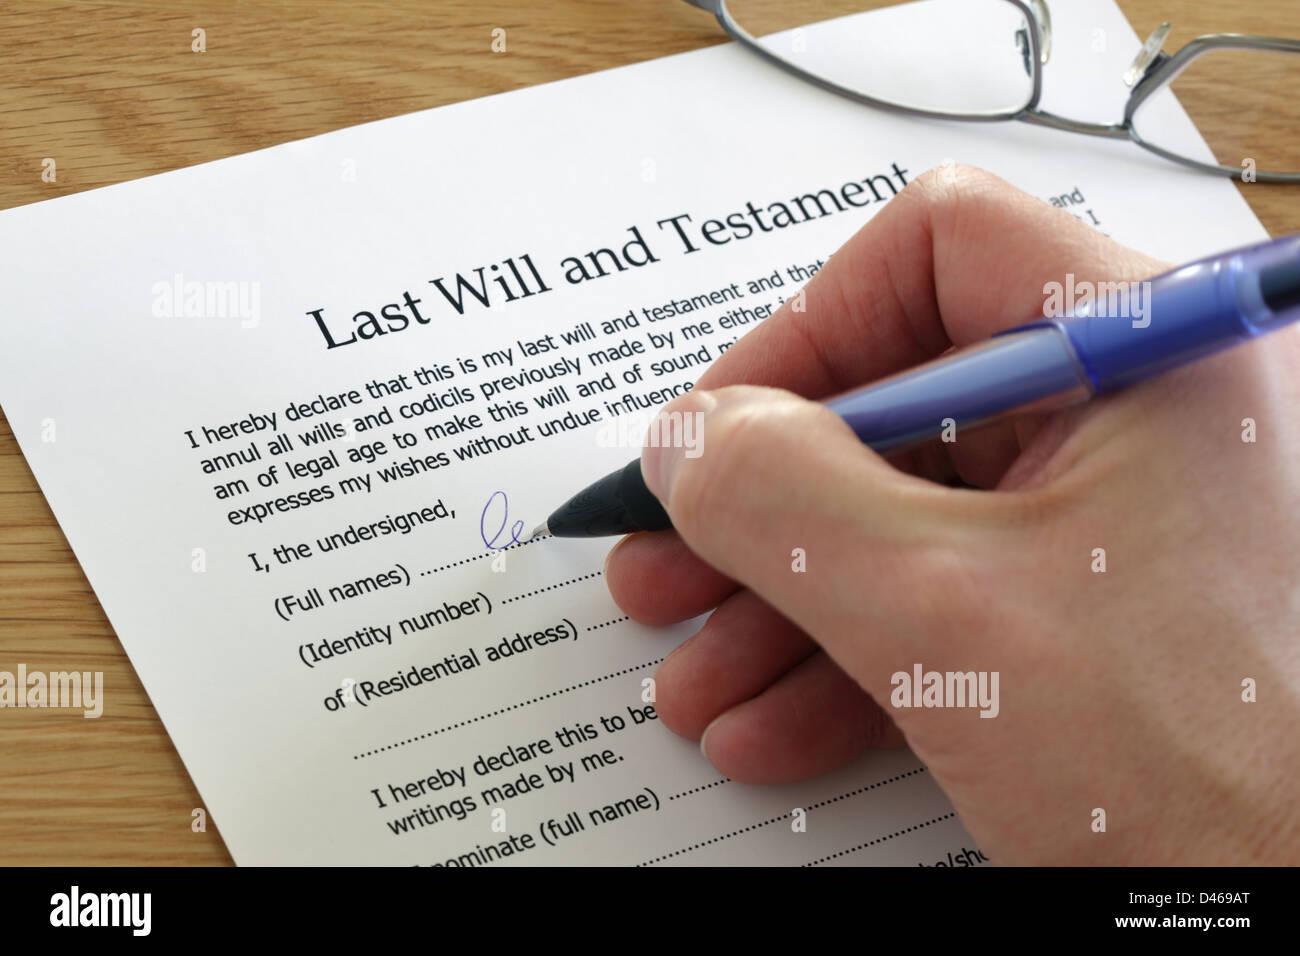 La firma di ultima volontà e testamento Immagini Stock